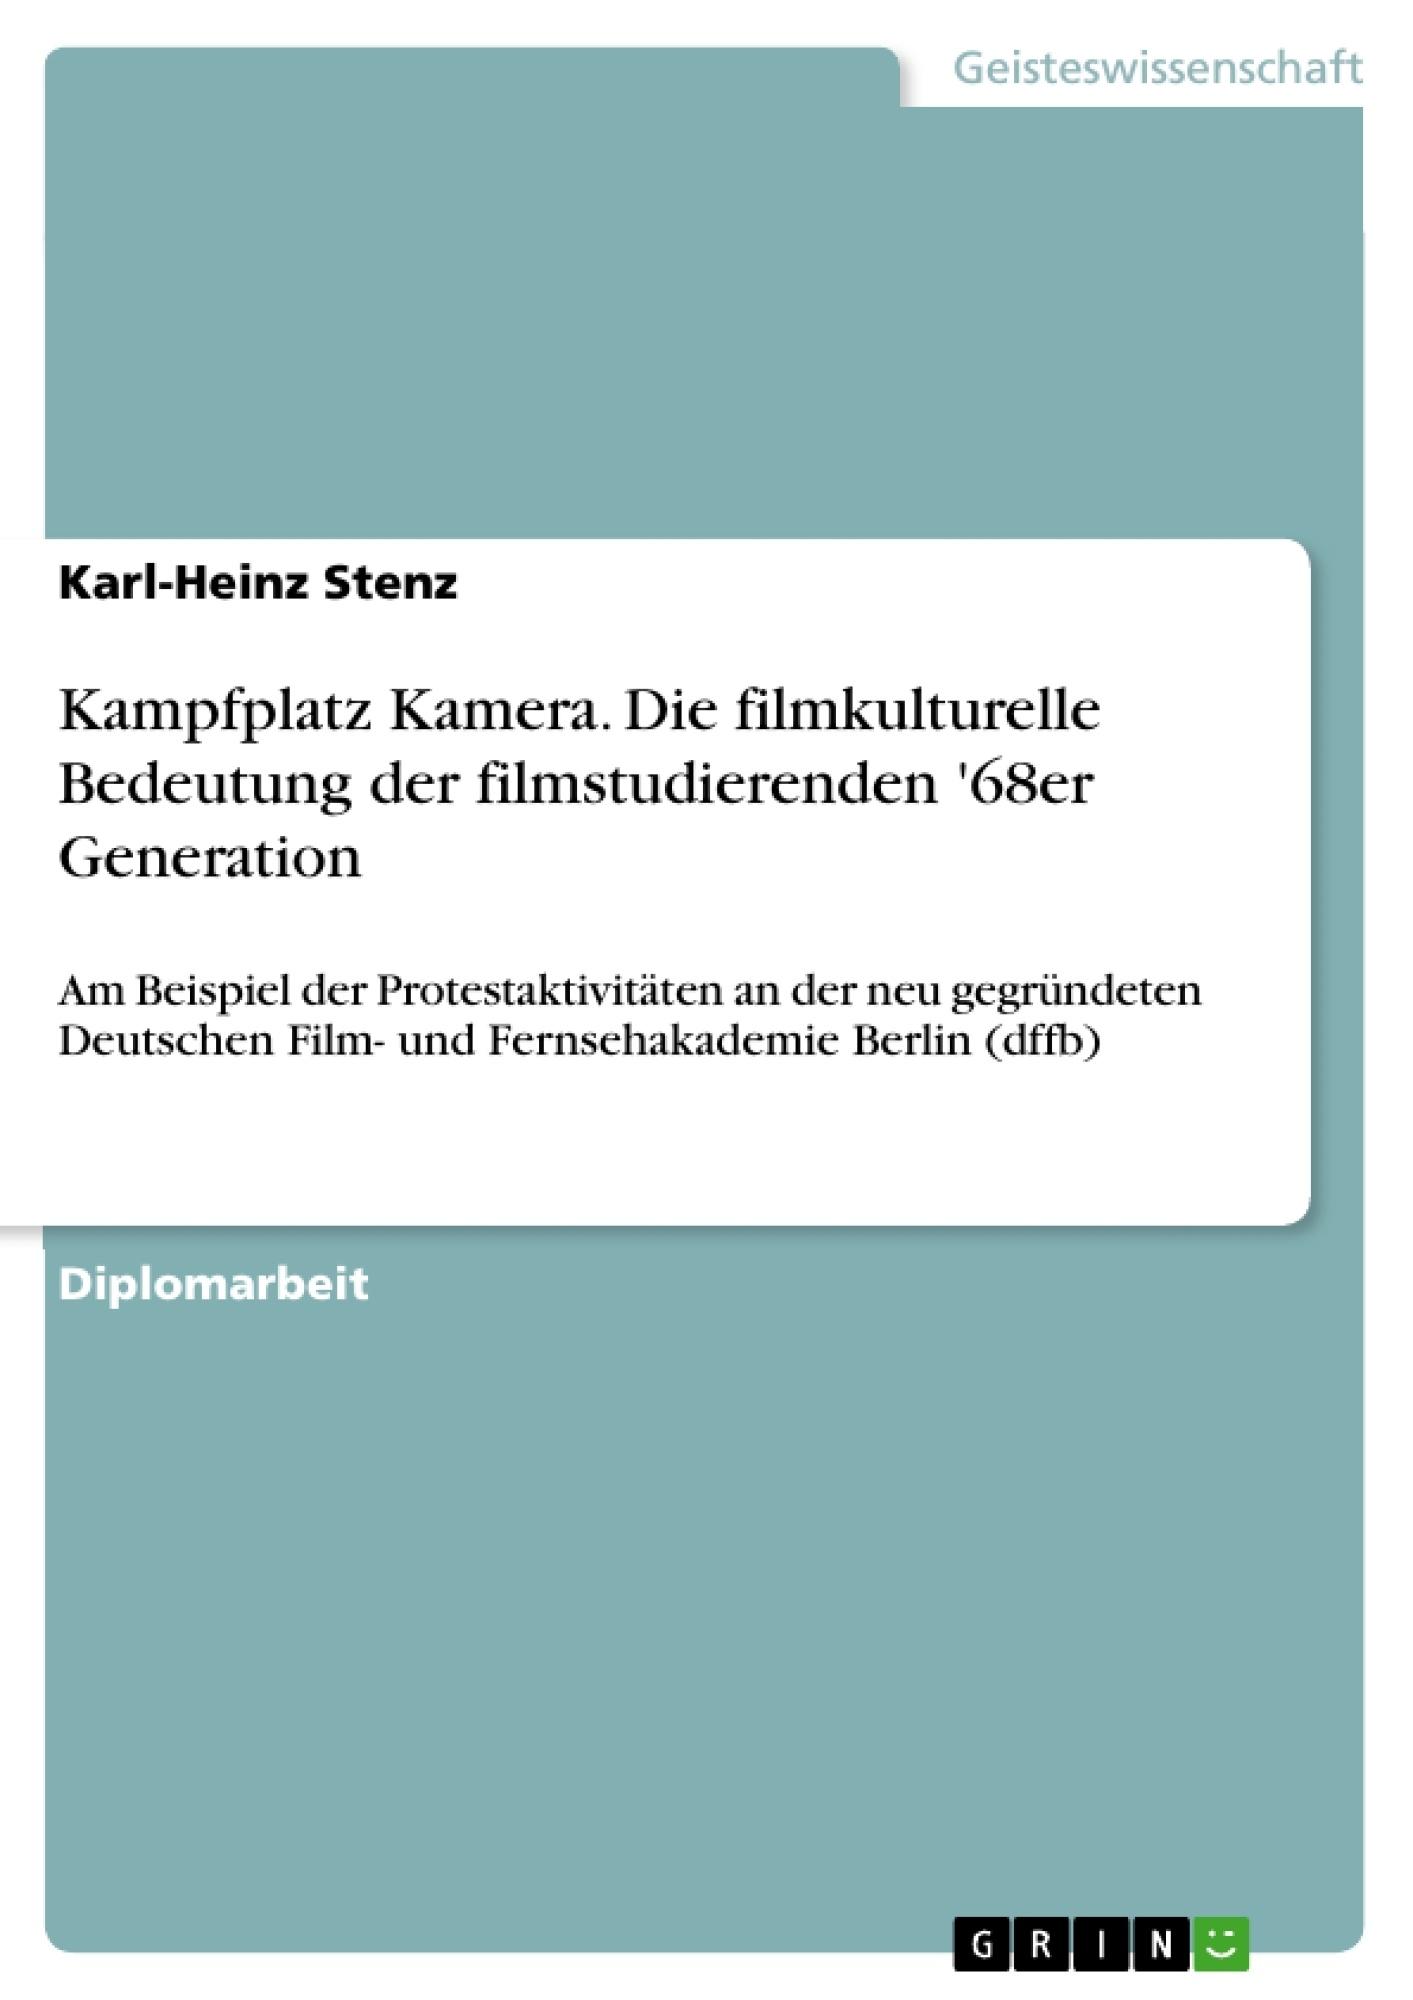 Titel: Kampfplatz Kamera. Die filmkulturelle Bedeutung der filmstudierenden '68er Generation